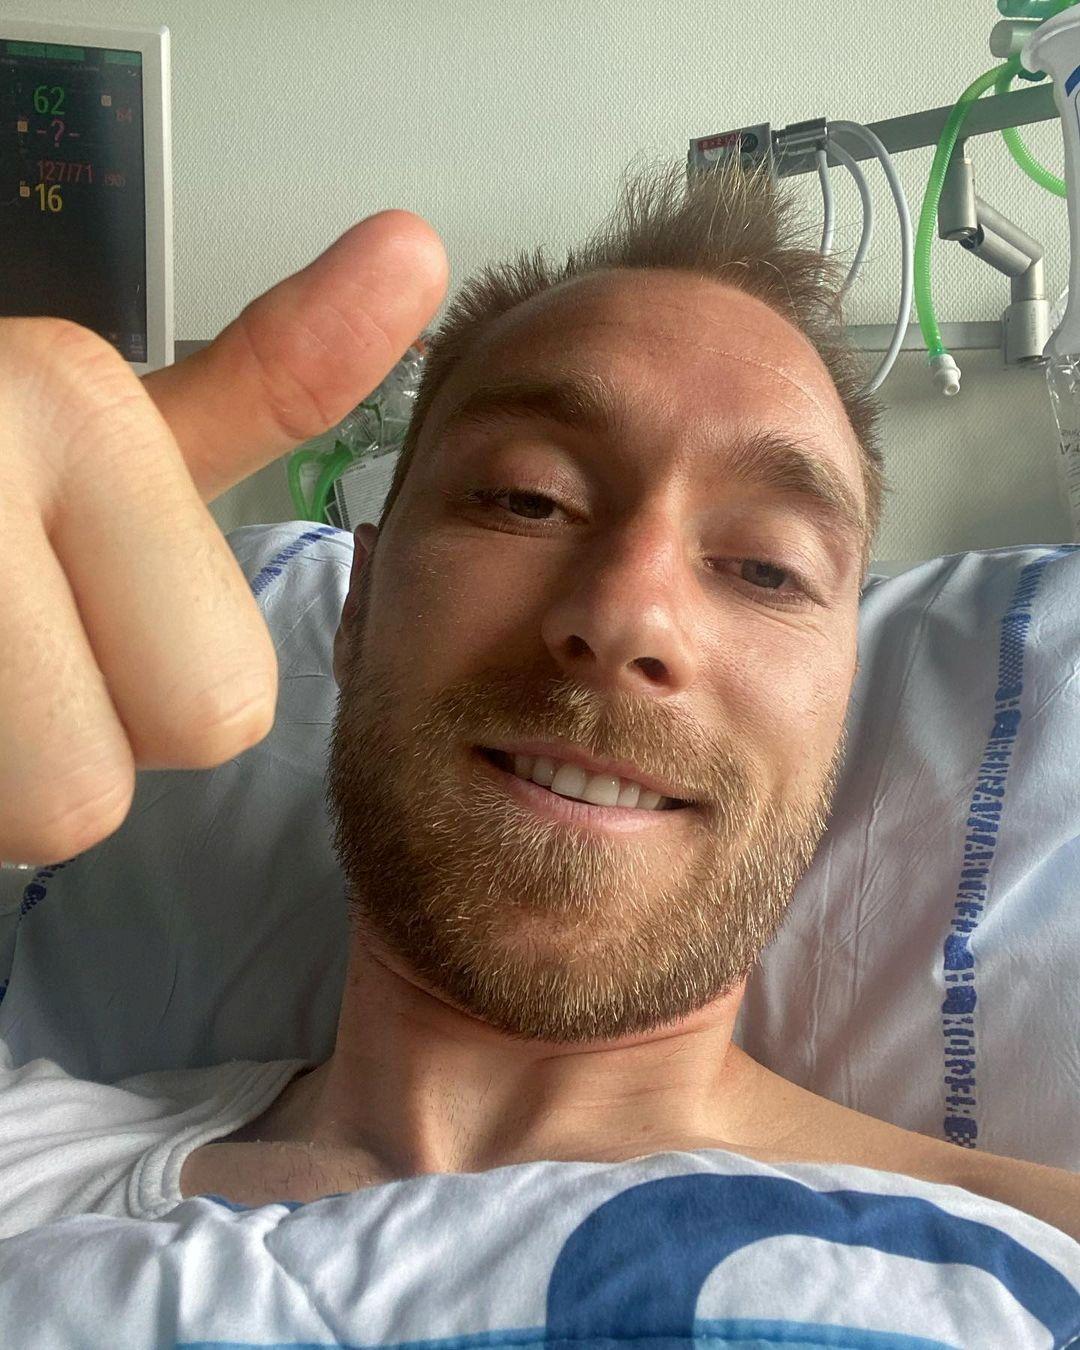 Christian Eriksen y la Federación Danesa de Fútbol llevaron tranquilidad al publicar una fotografía en las redes sociales (Foto: REUTERS)